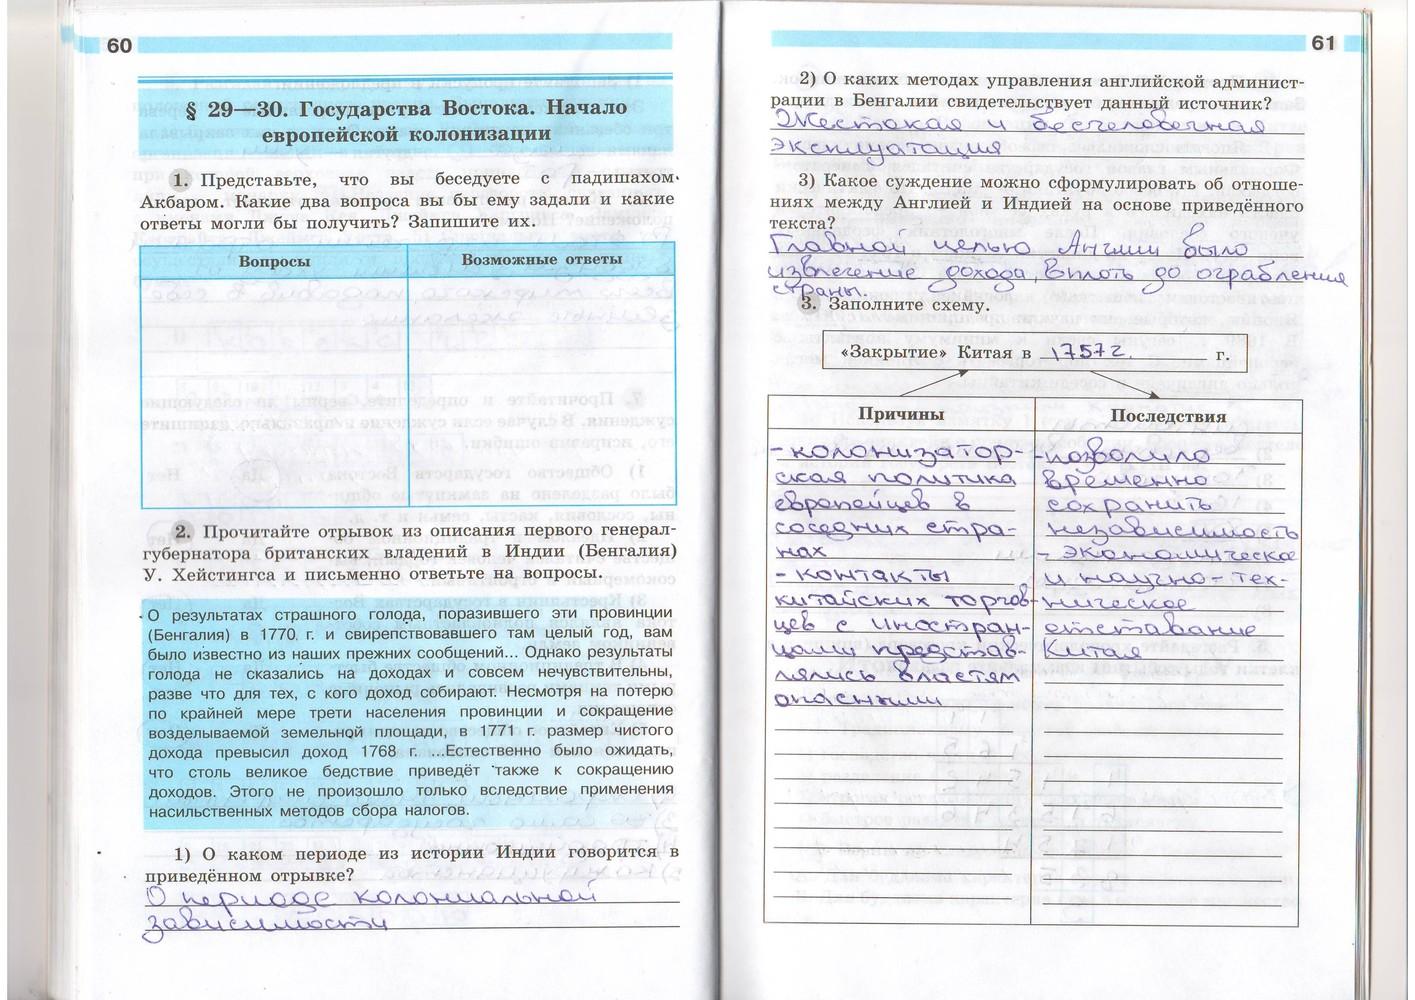 Гдз по истории россии 7 класс рабочая тетрадь баранов ванюшкина